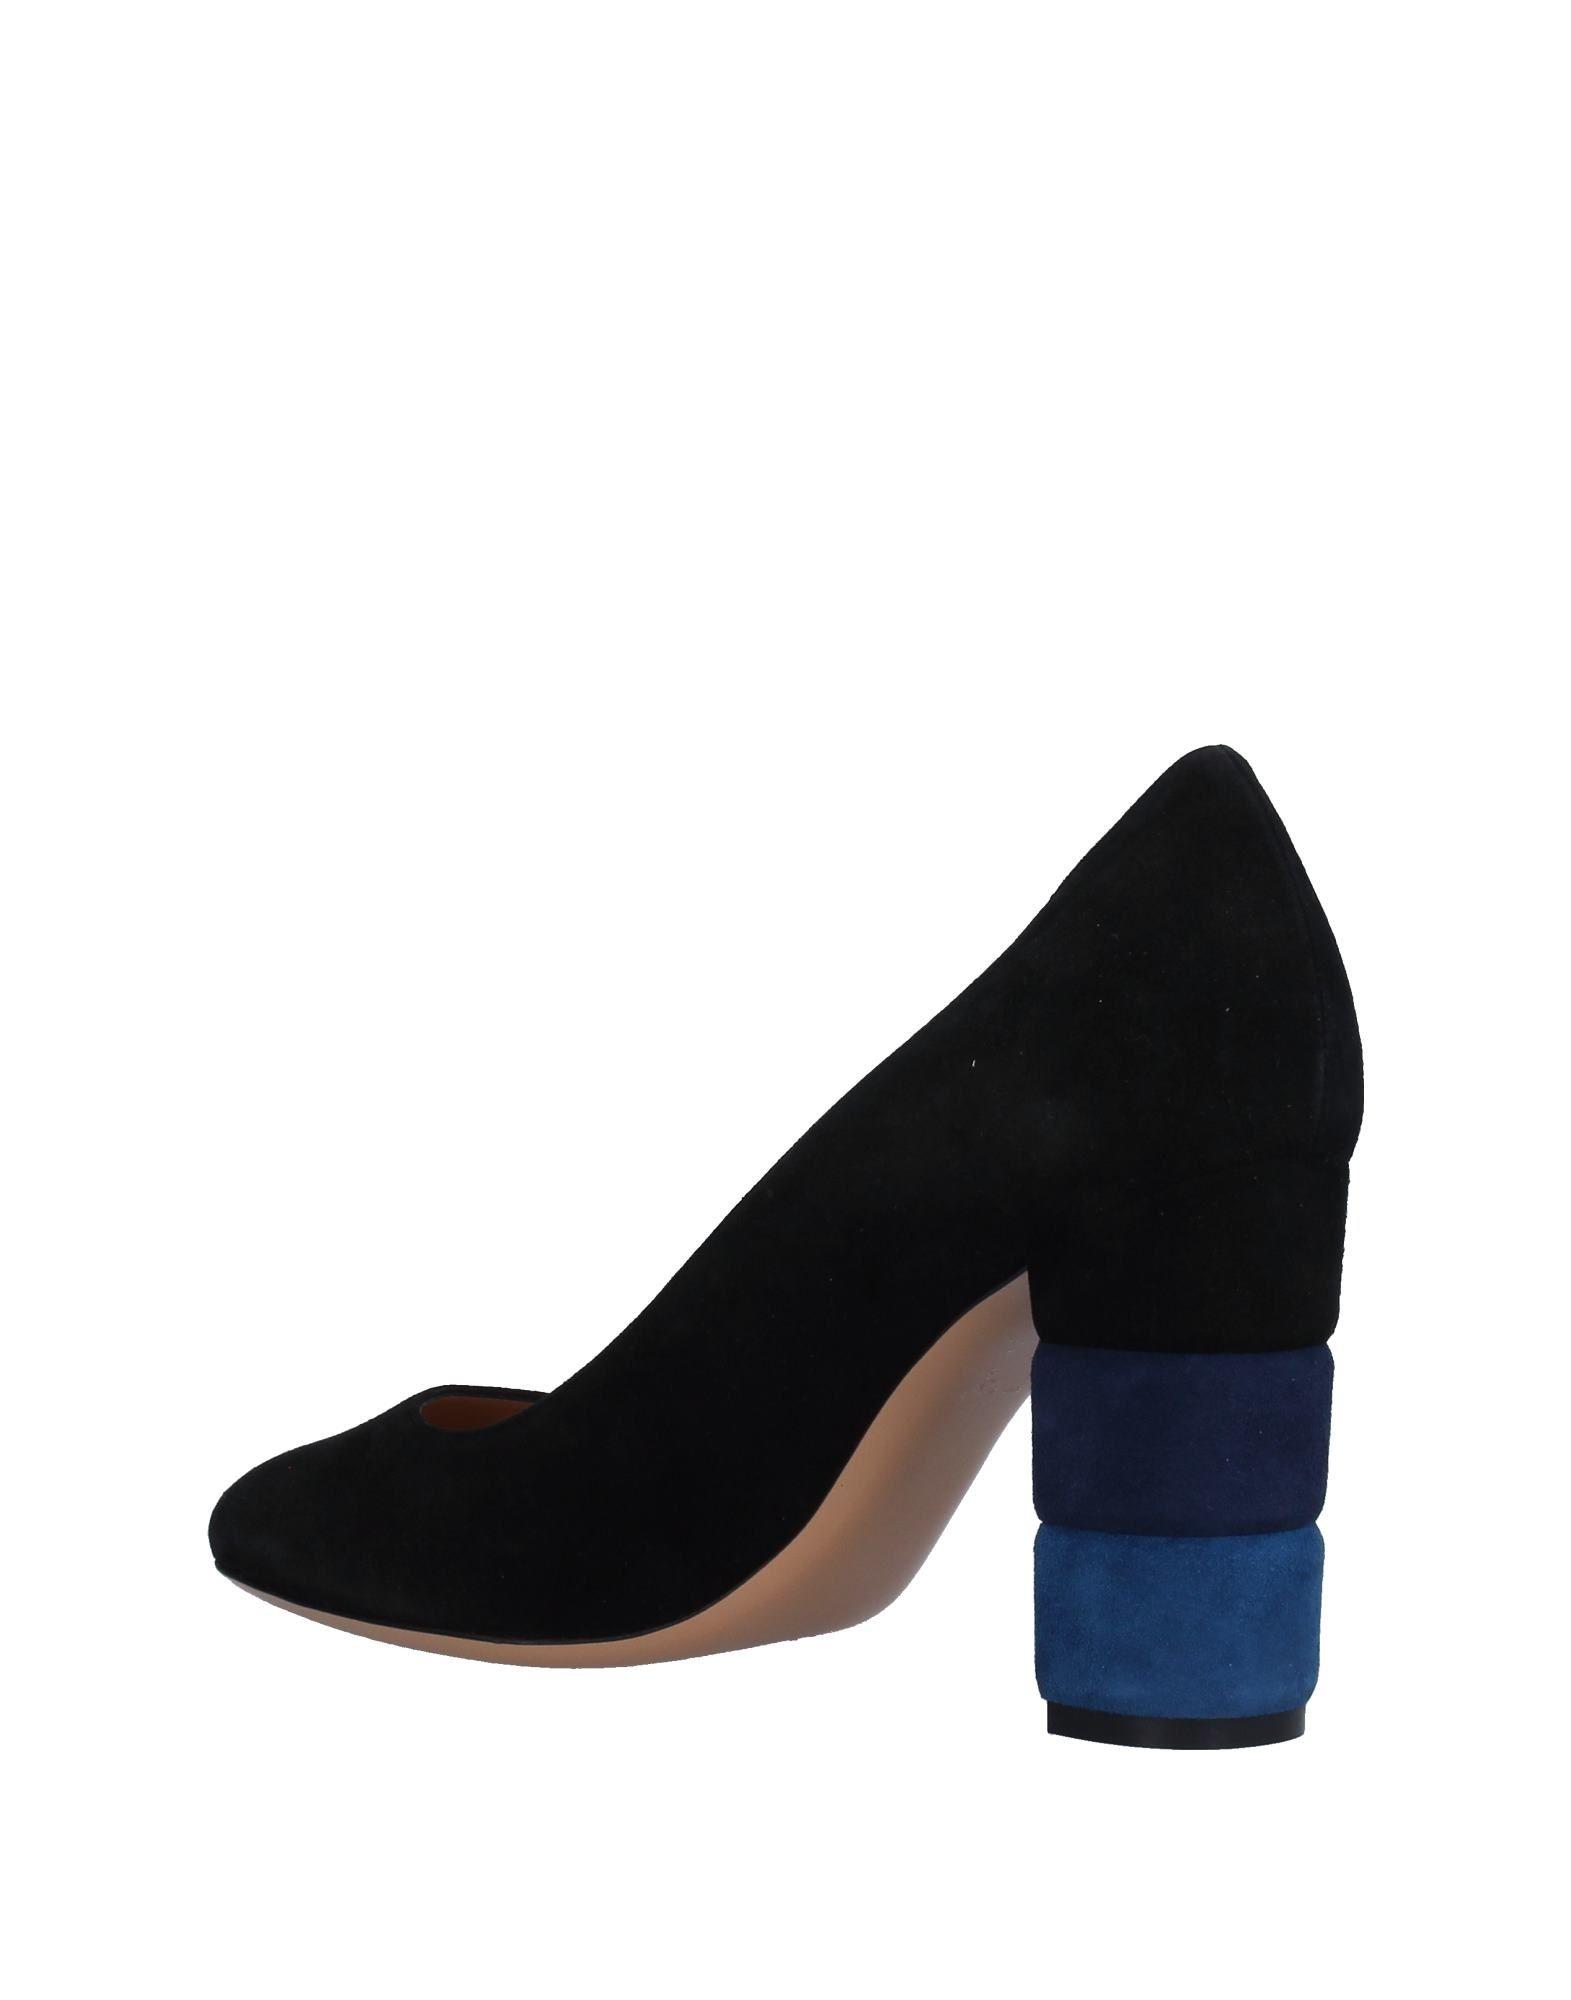 Salvatore Ferragamo Pumps Damen  11273433EG 11273433EG 11273433EG Neue Schuhe 1425ec